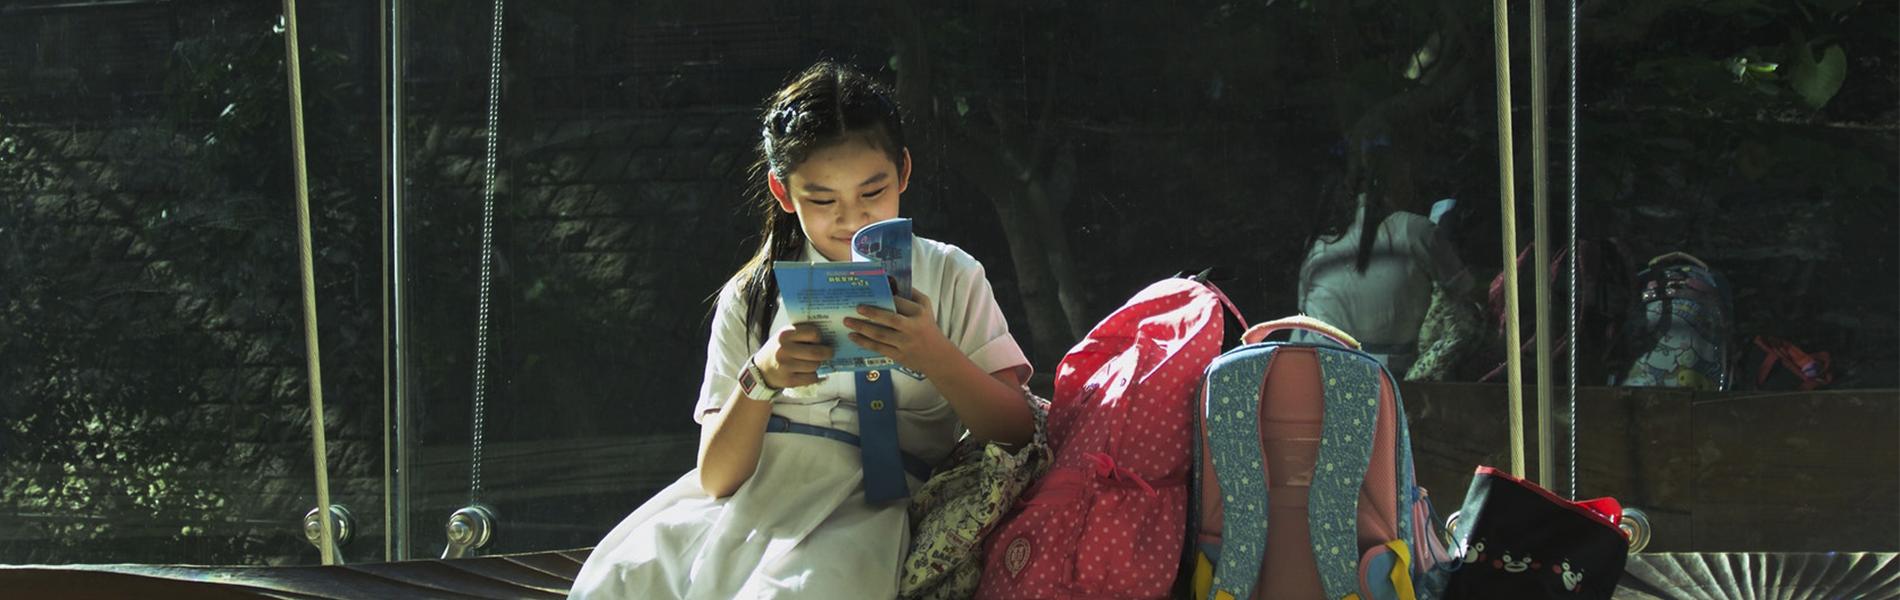 Imagem: Criança oriental lendo sentada em um banco